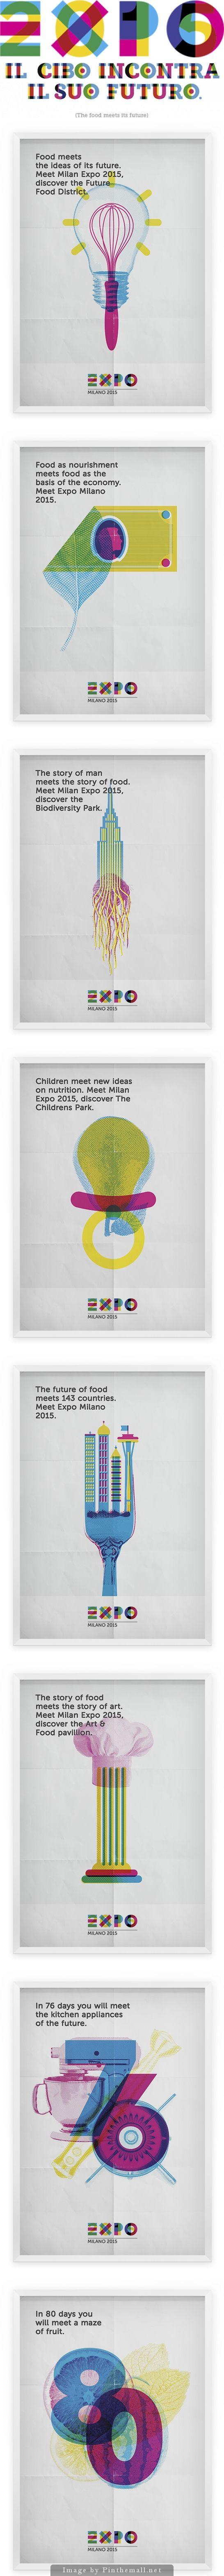 Expo Milano 2015 by Luca Frank Guarini, via Behance